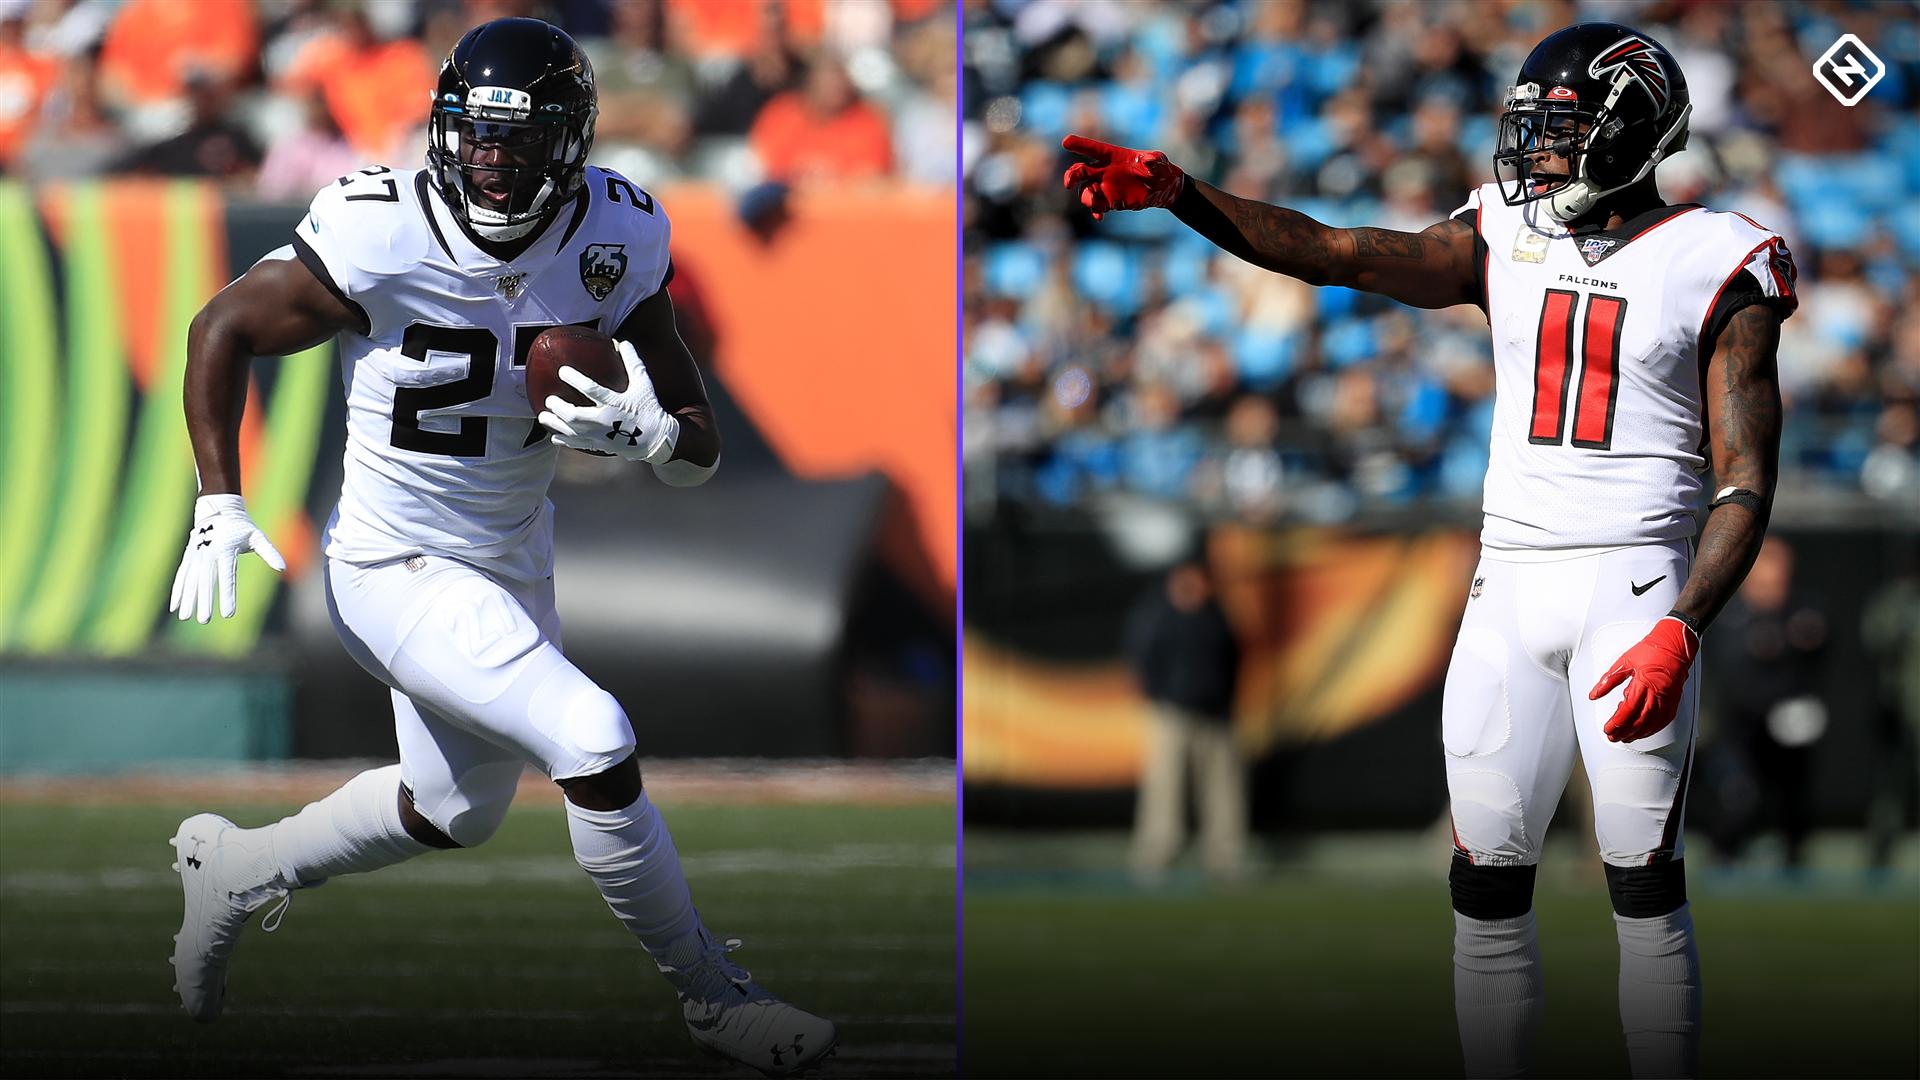 FanDuel Core Plays: Semana 12 NFL DFS consejos, selecciones para juegos en efectivo 2